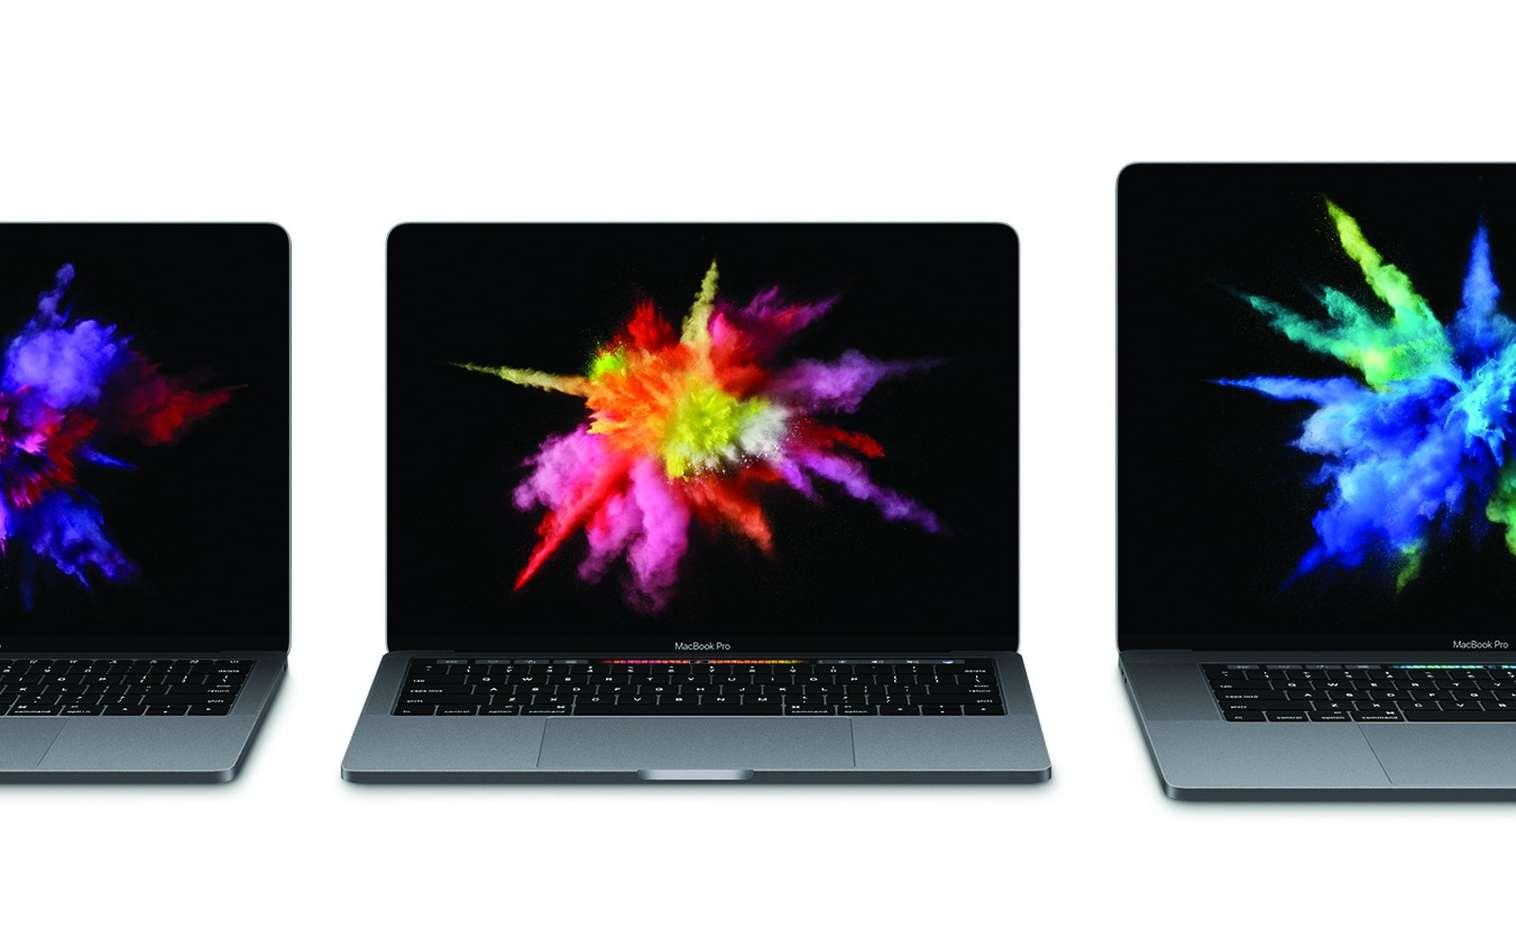 Annoncé fin octobre 2016, le nouveau MacBook Pro était présenté comme l'ordinateur portable Apple « le plus avancé à ce jour ». Il ne fait pourtant par l'unanimité, tant auprès de la critique que des usagers. © Apple